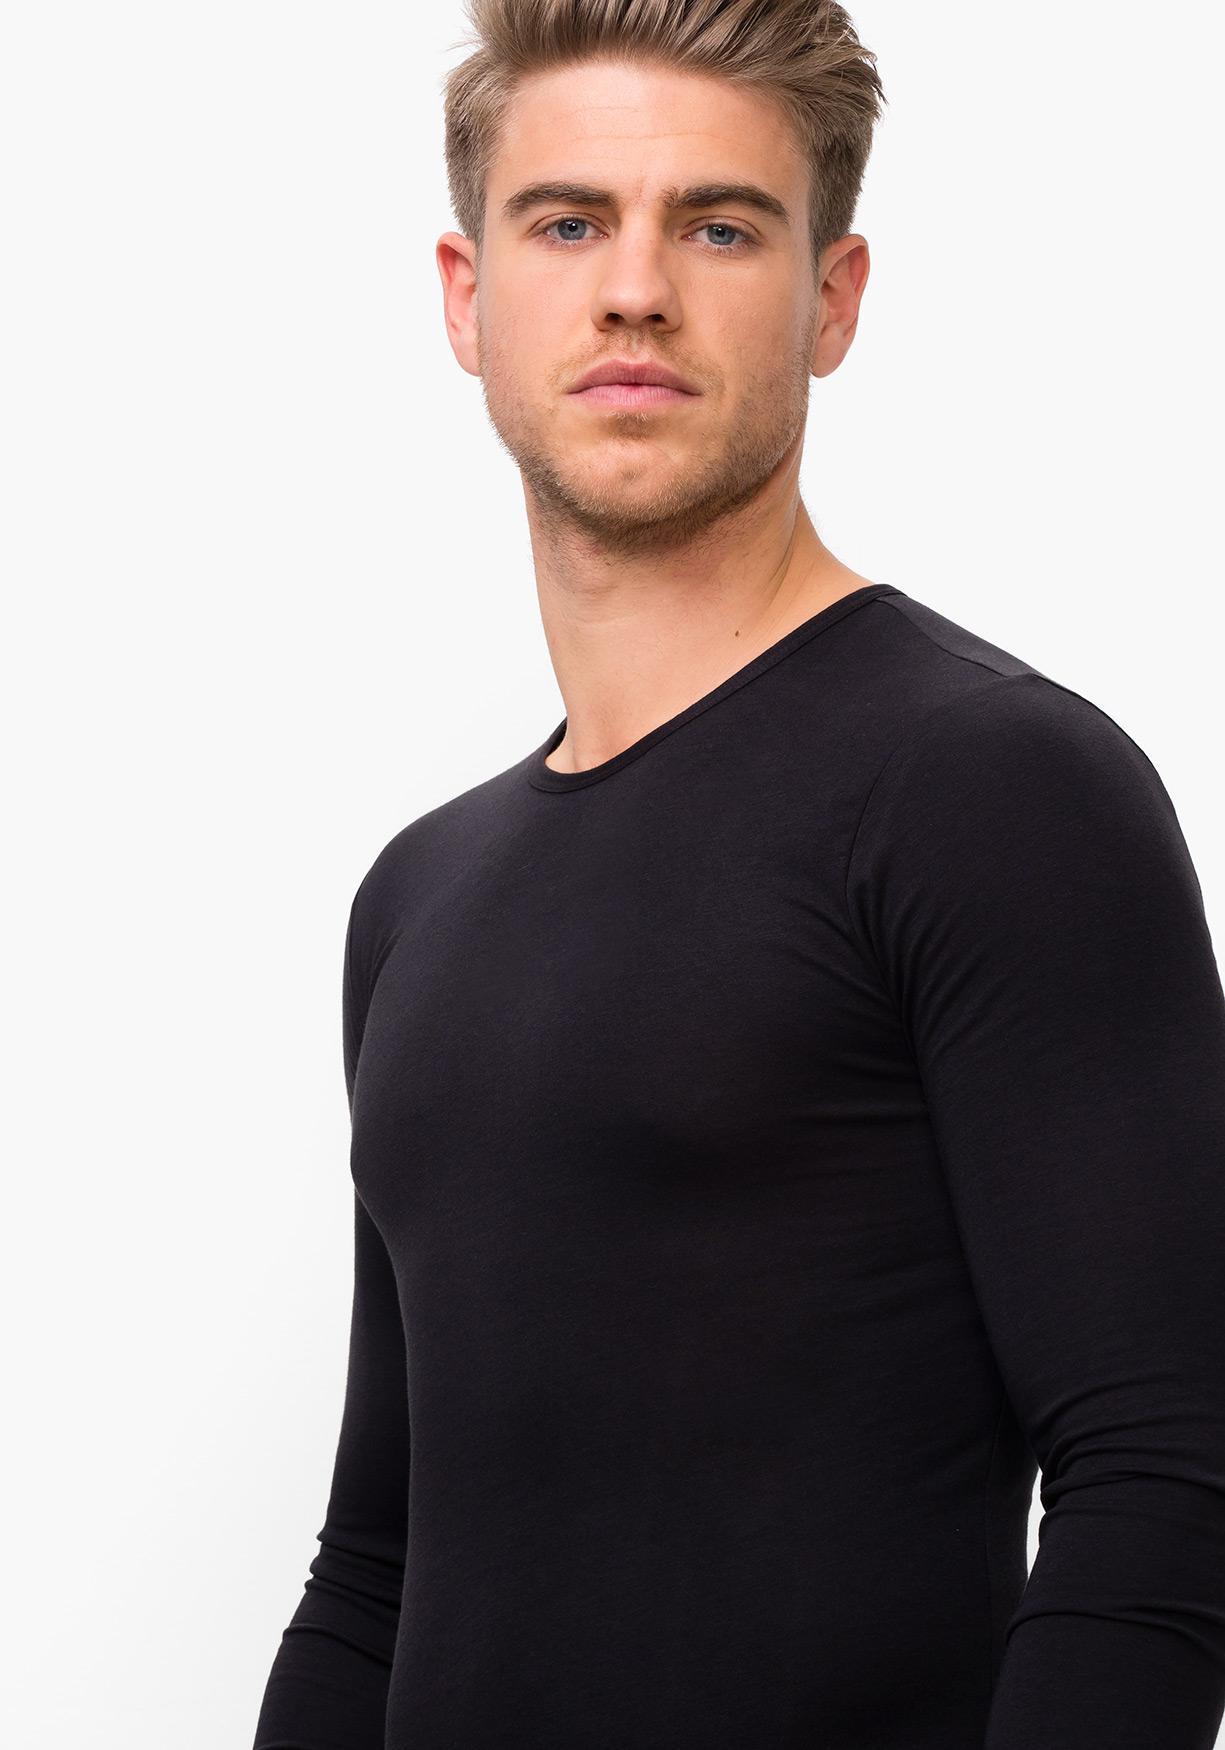 ad17df2f32 Comprar Camiseta de manga larga térmica ABANDERADO. ¡Aprovéchate de ...